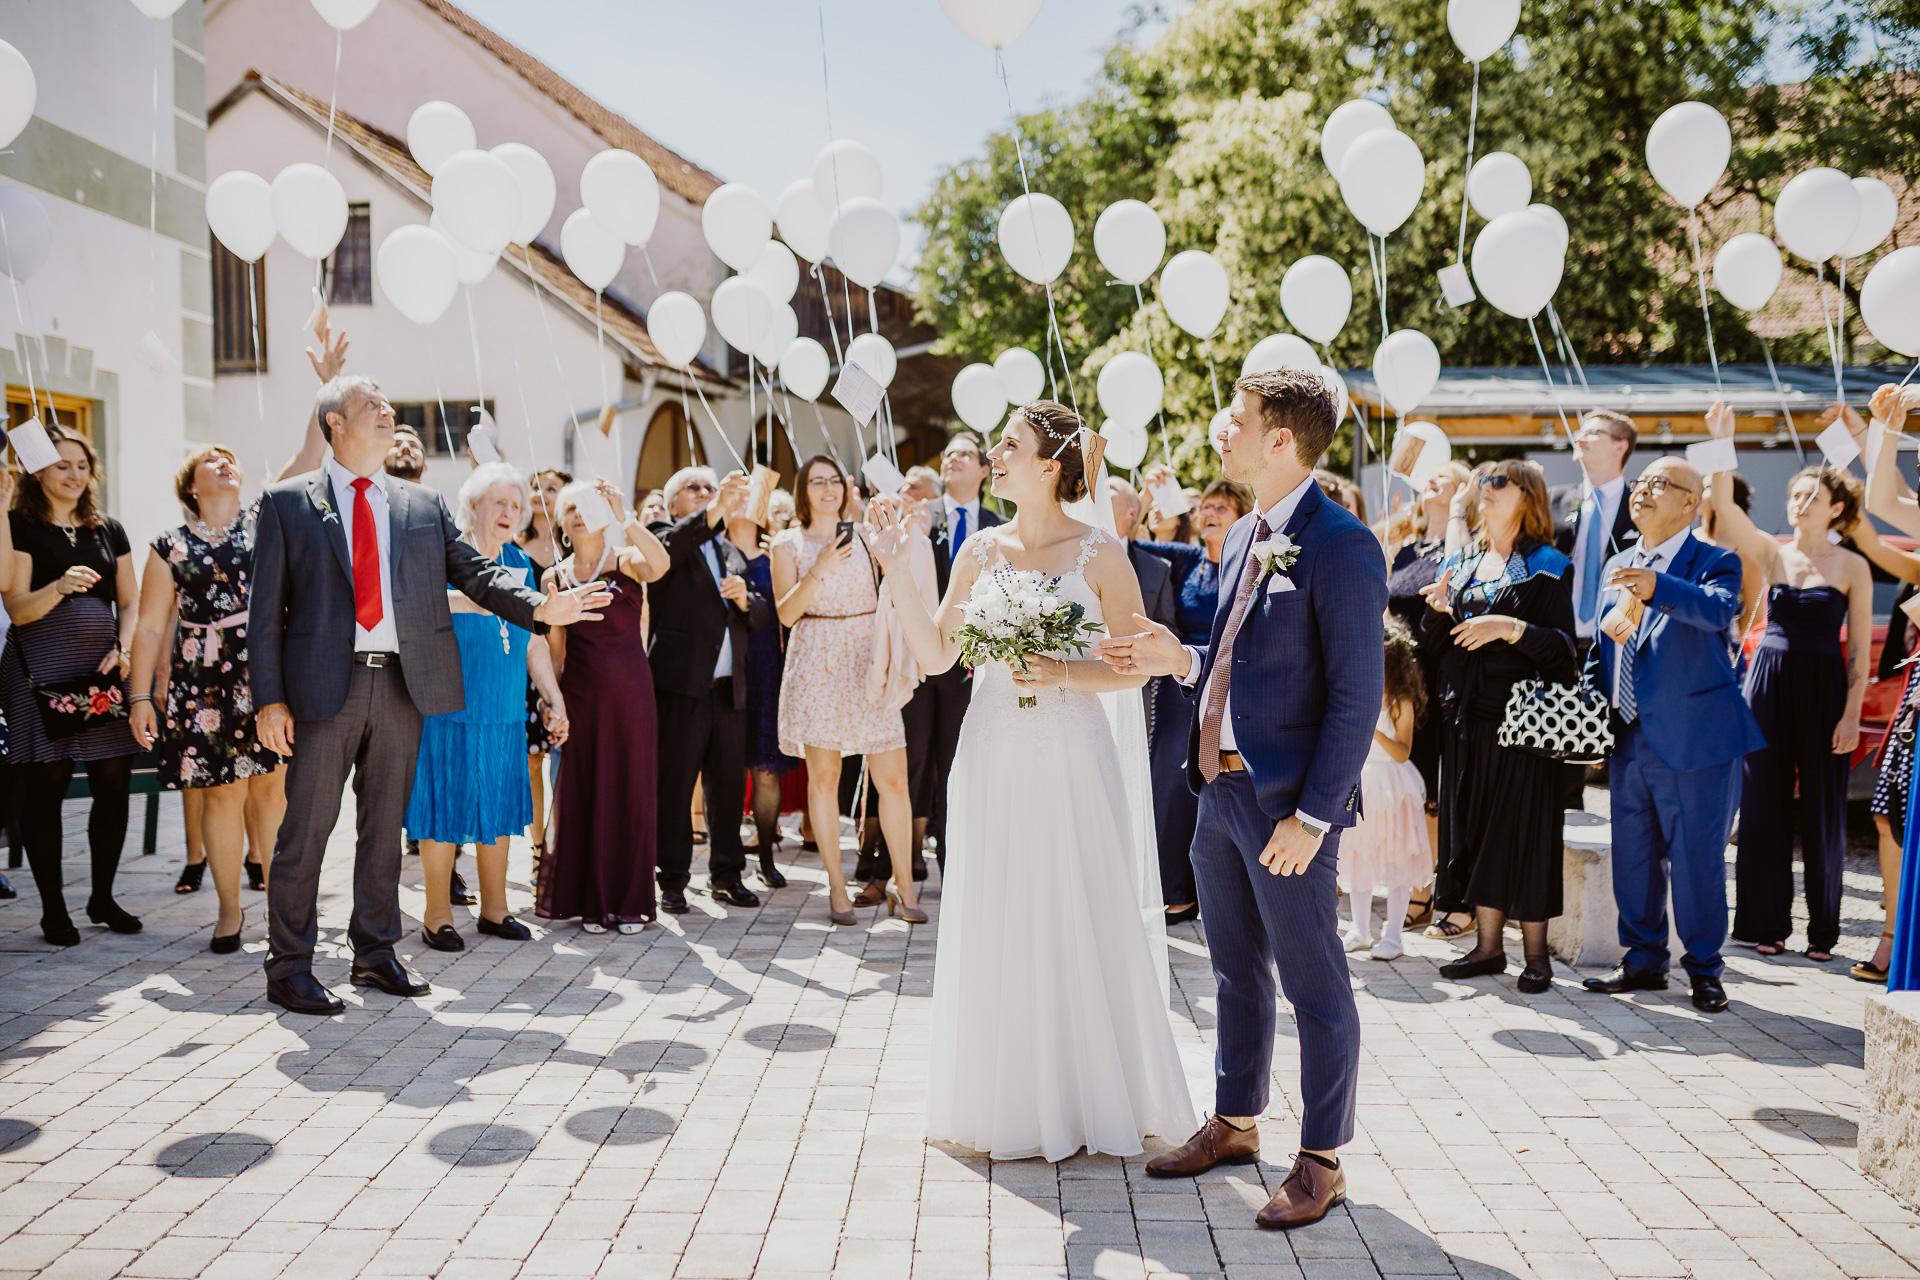 Alexander Utz, Fotografie, Hochzeit, Augsburg, Brautkleid, Brautstrauss-65